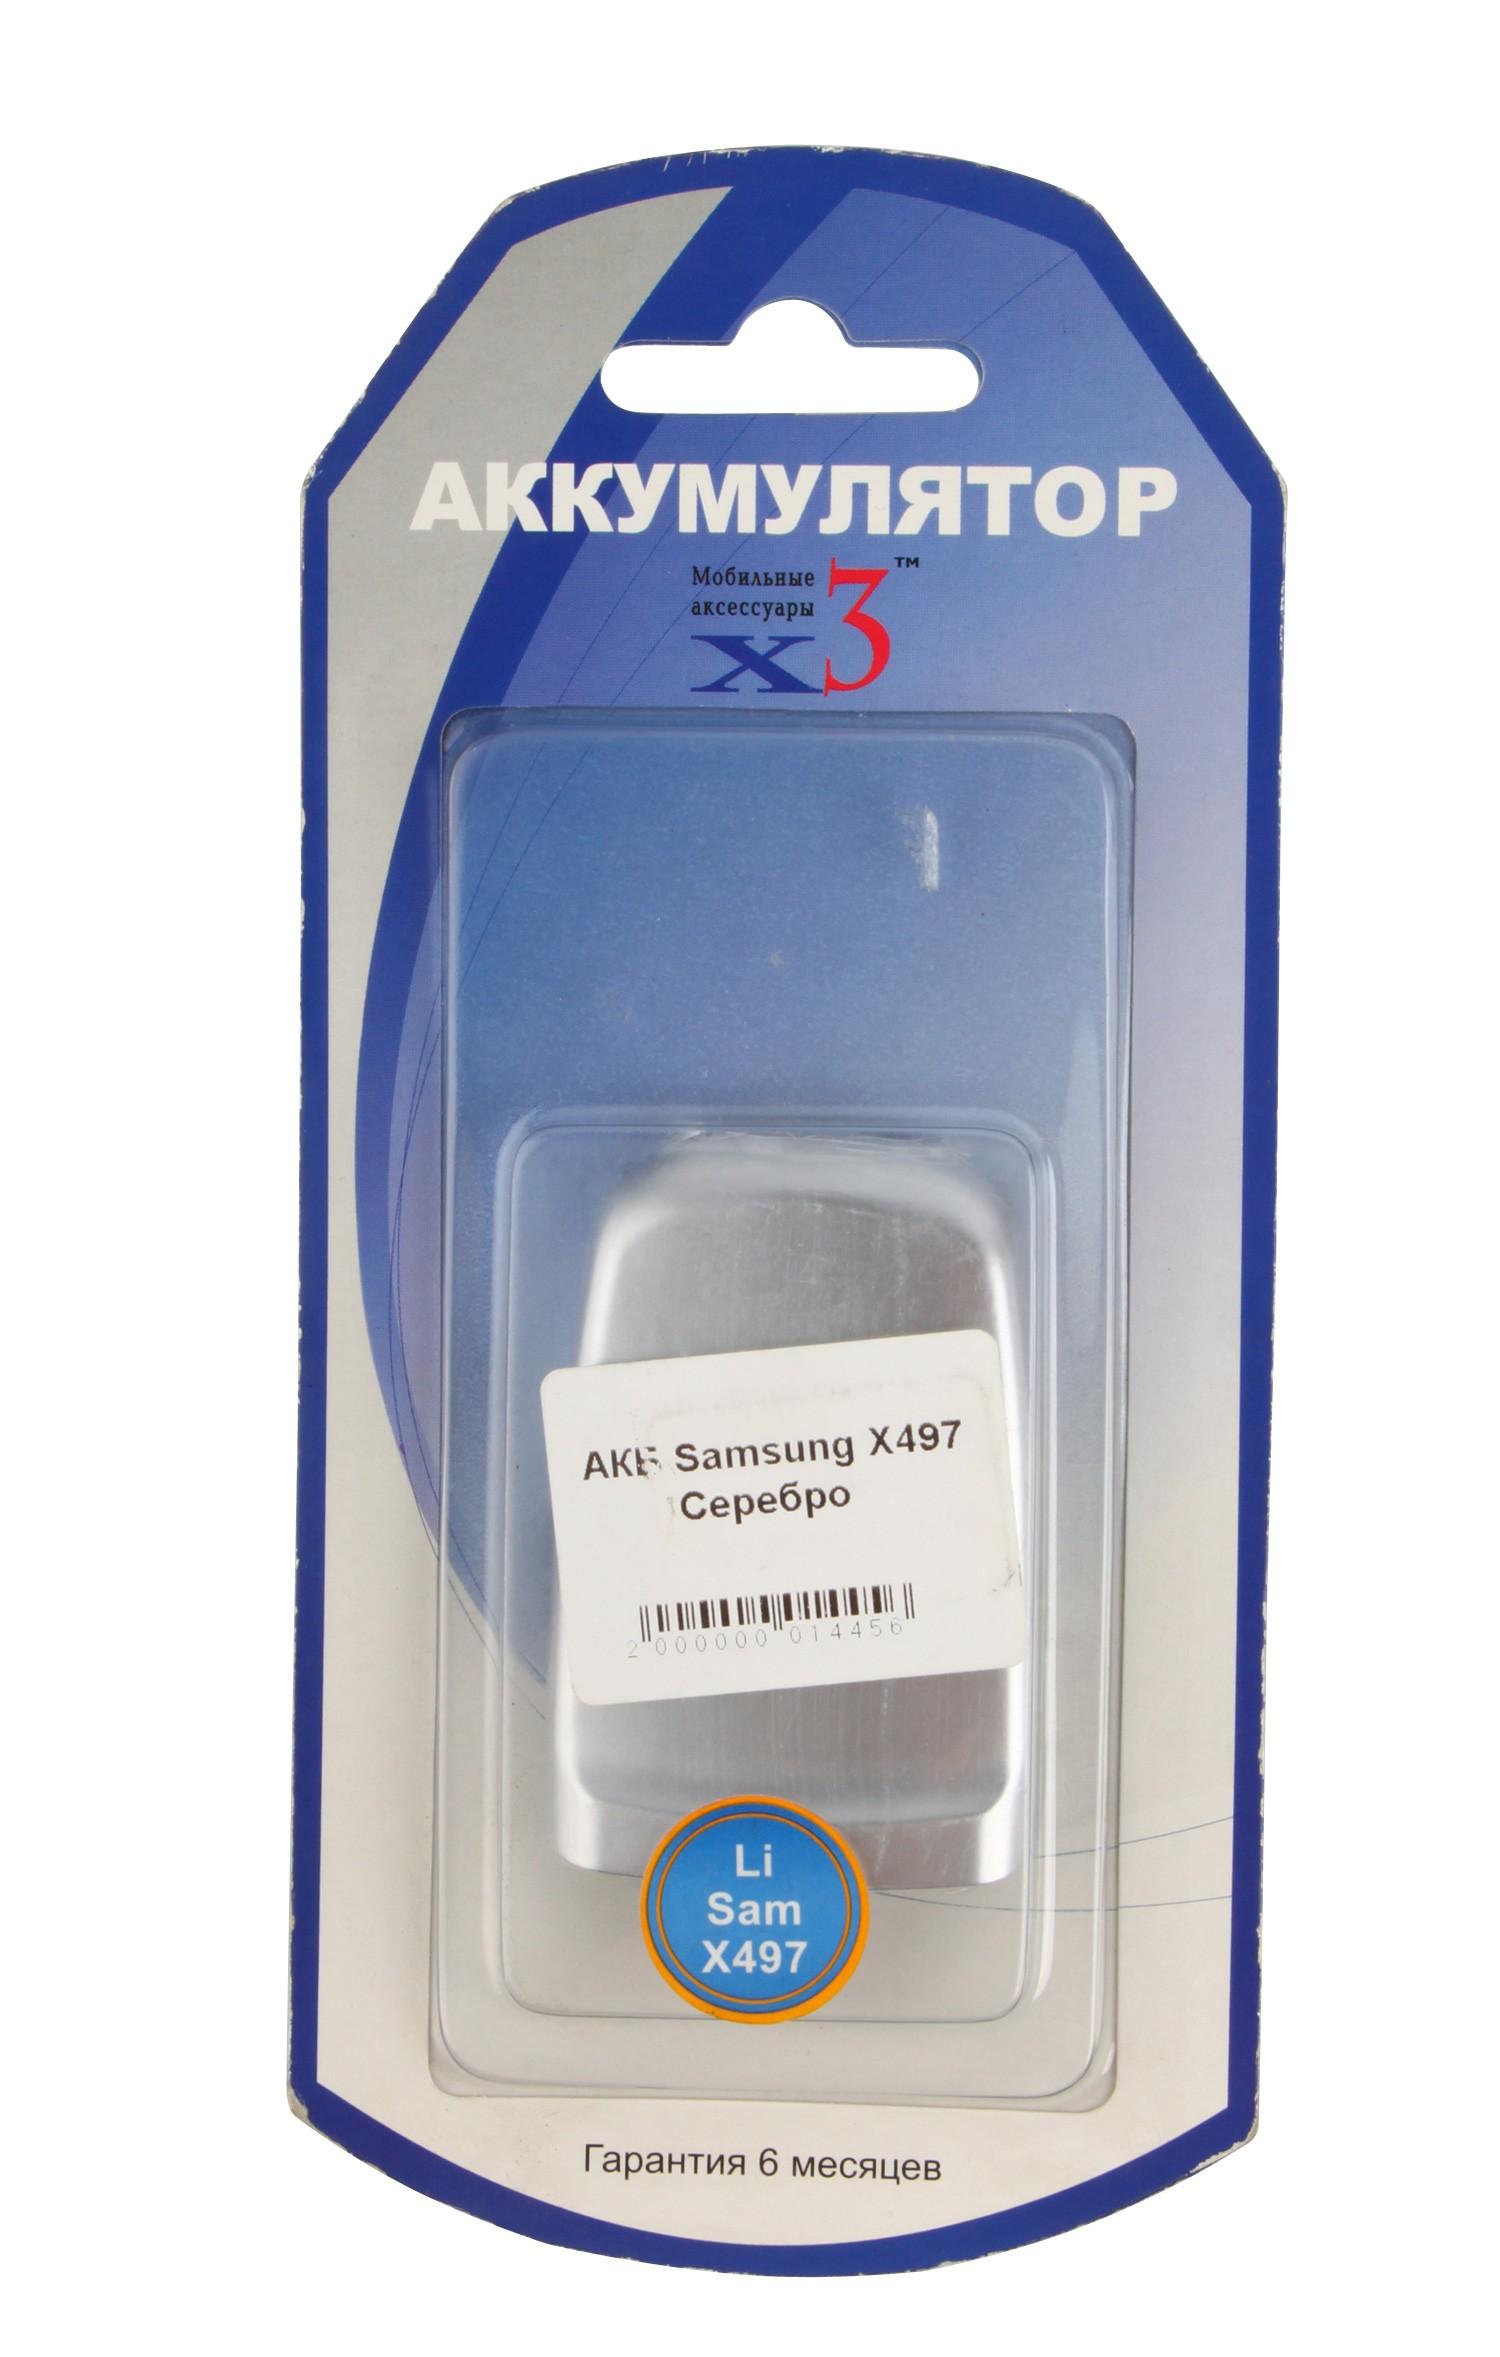 Аккумуляторы для сотовых телефонов Samsung  купить